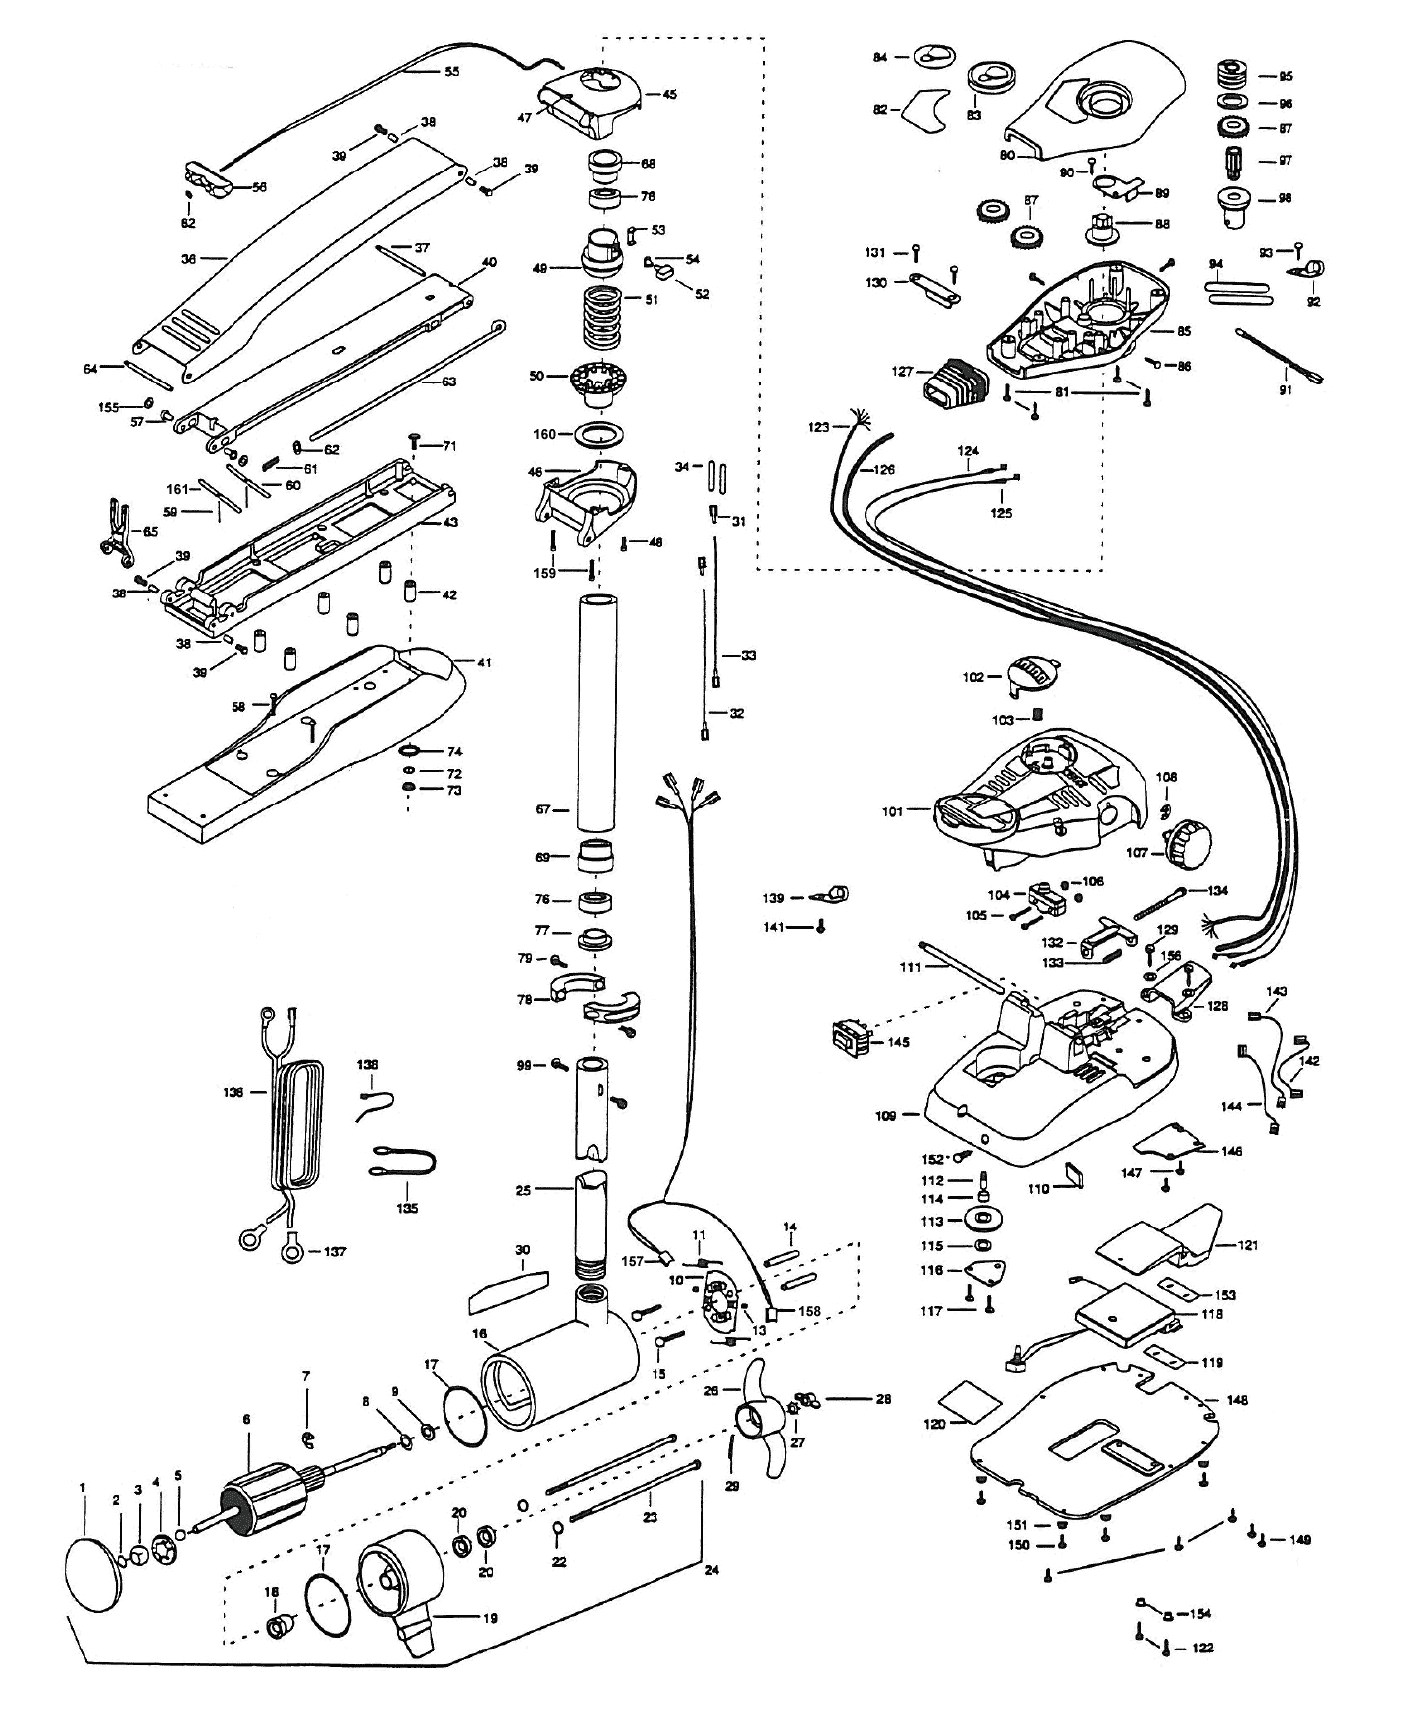 Wiring Diagram Minn Kota Trolling Motor